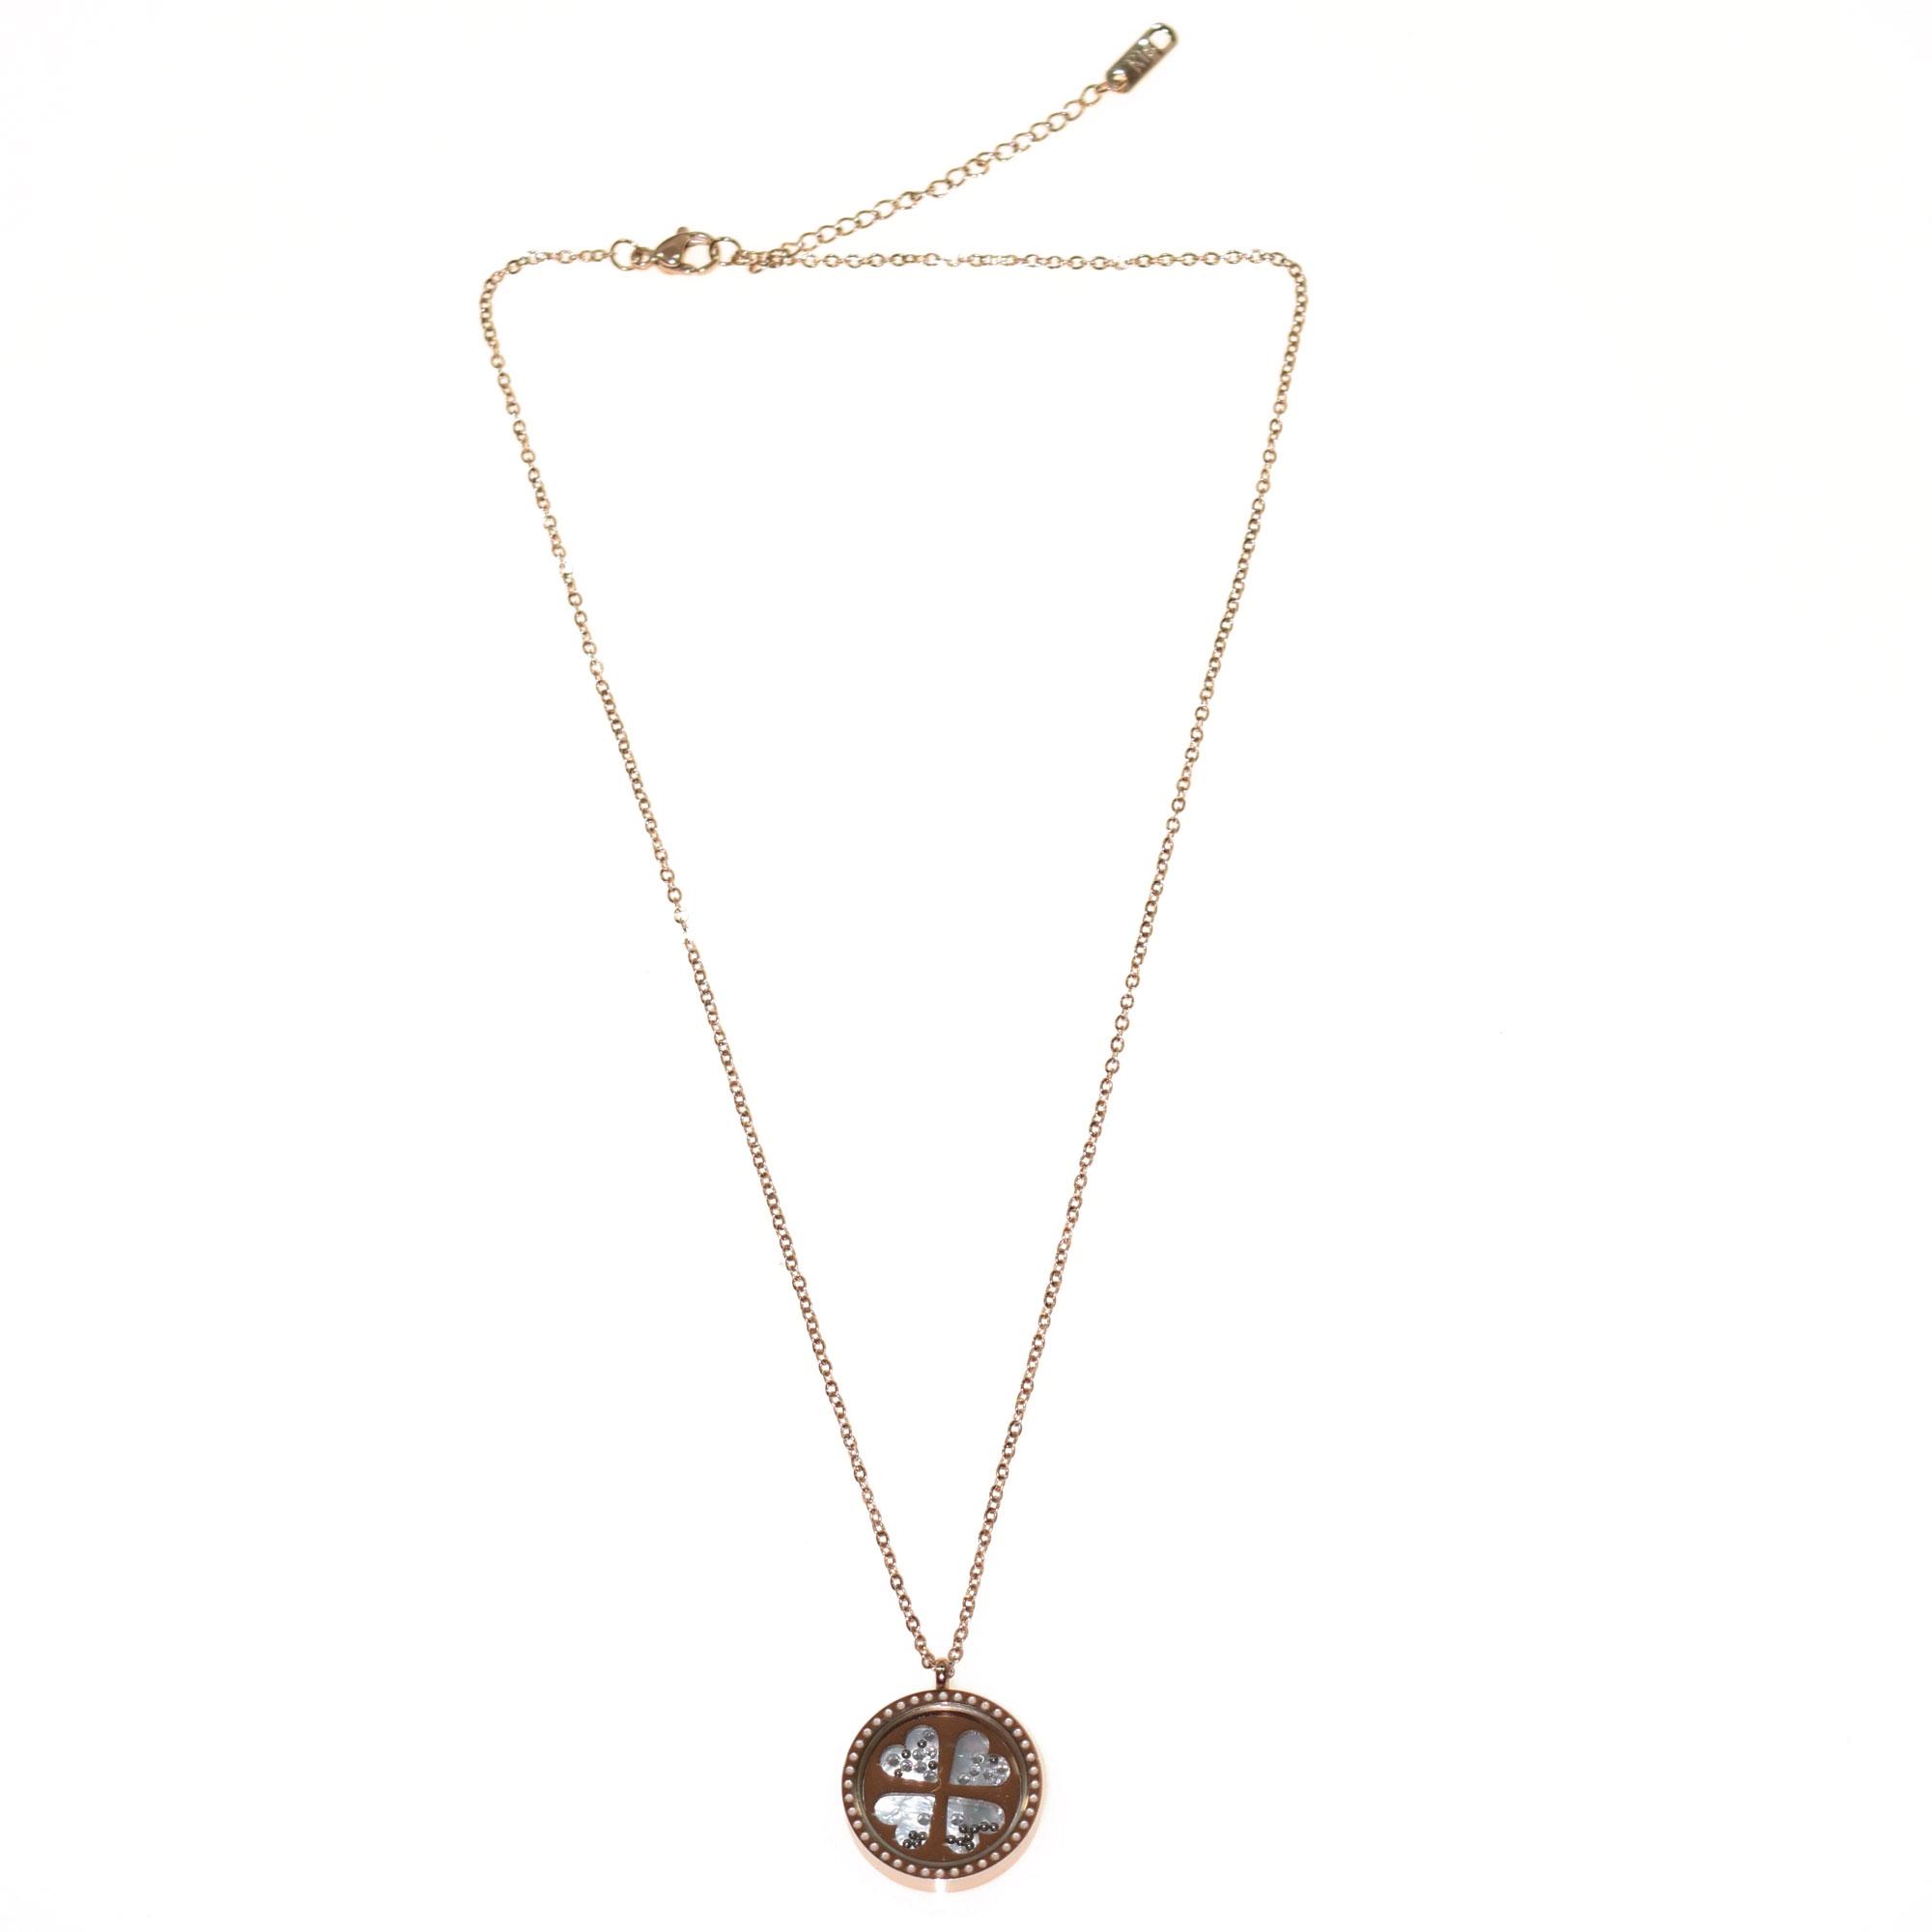 Κολιέ ατσάλινο (stainless steel) ροζ χρυσό καρδιές BZ-NK-00185 2 062fc12942d